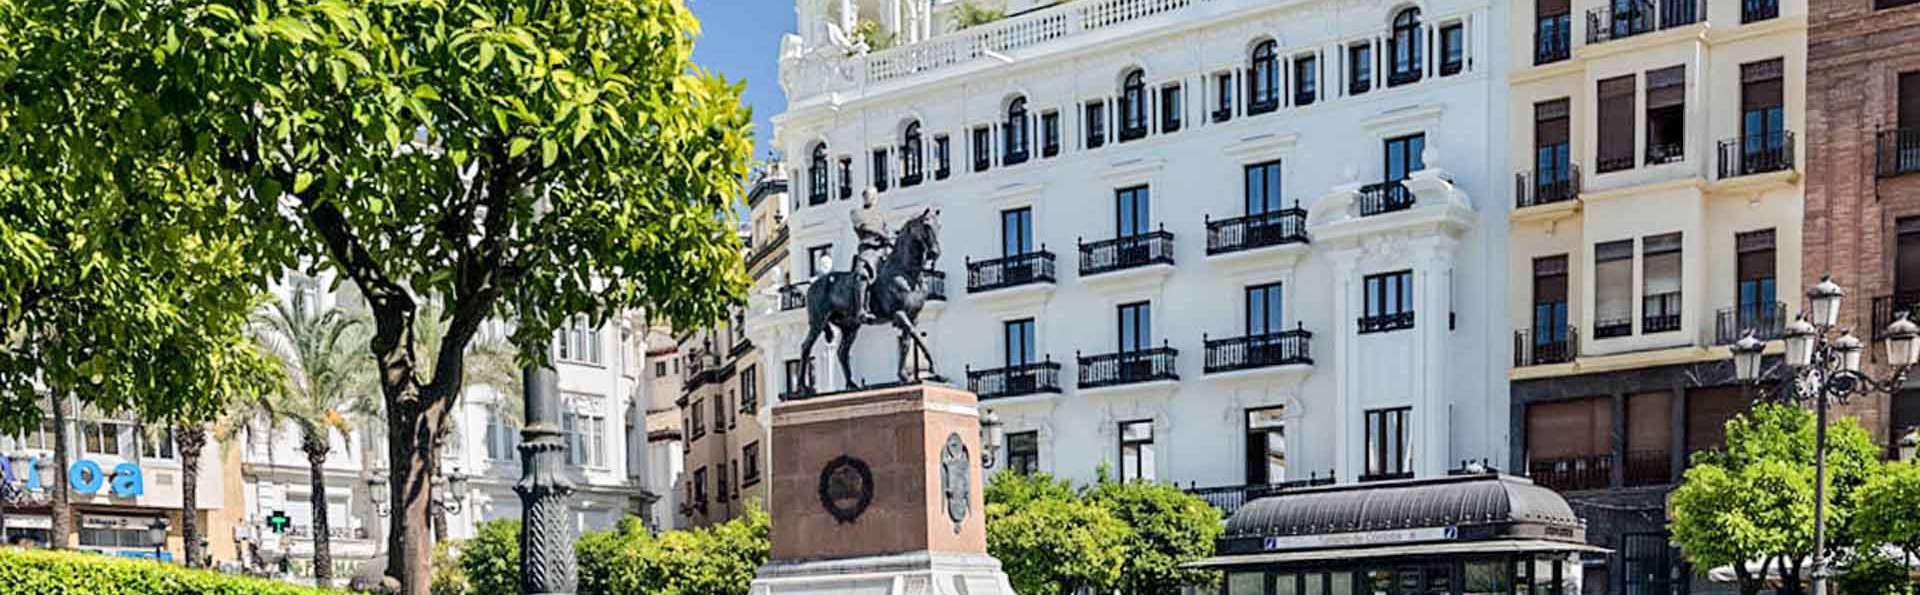 H10 Palacio Colomera - EDIT_Fachada_principal_H_Palacio_Colomera_01.jpg